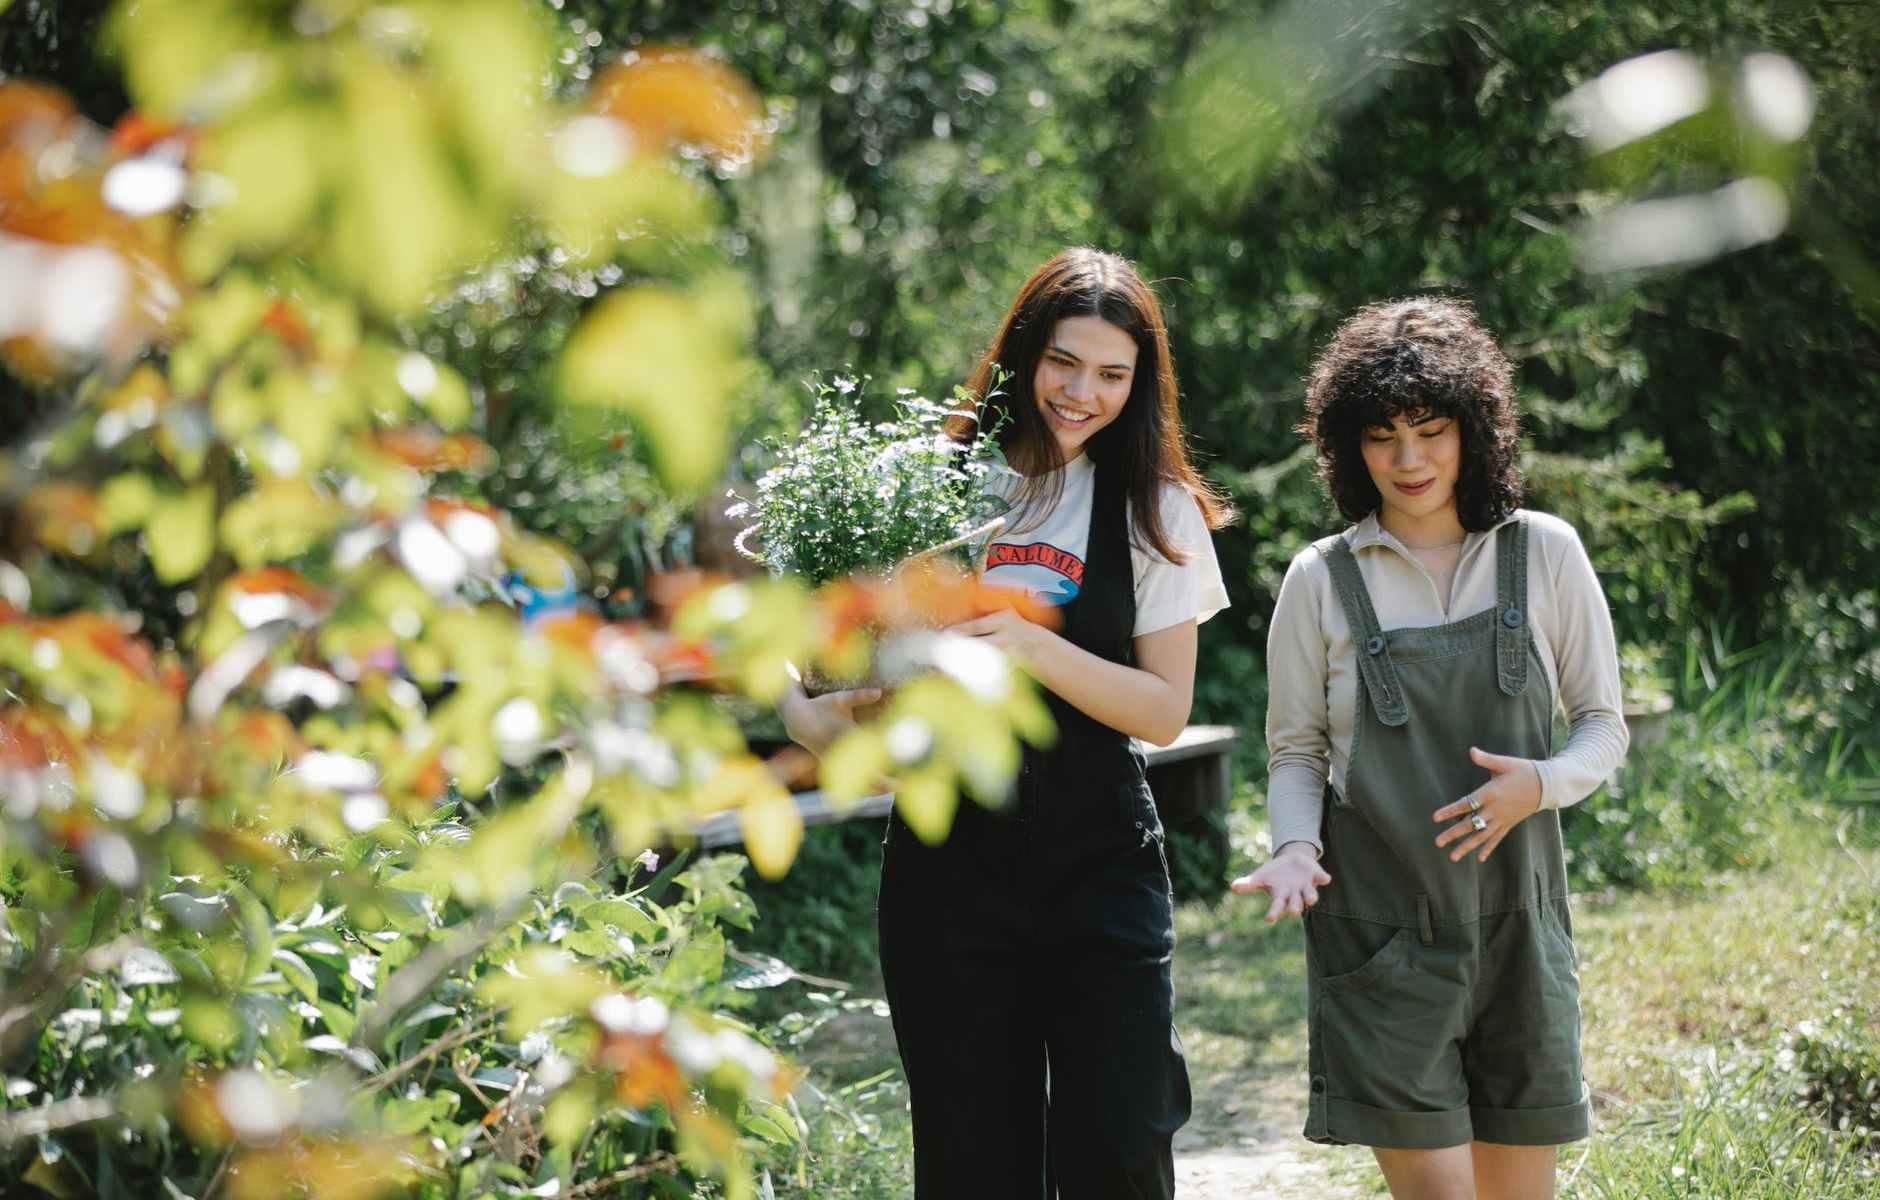 happy young friends walking in summer garden